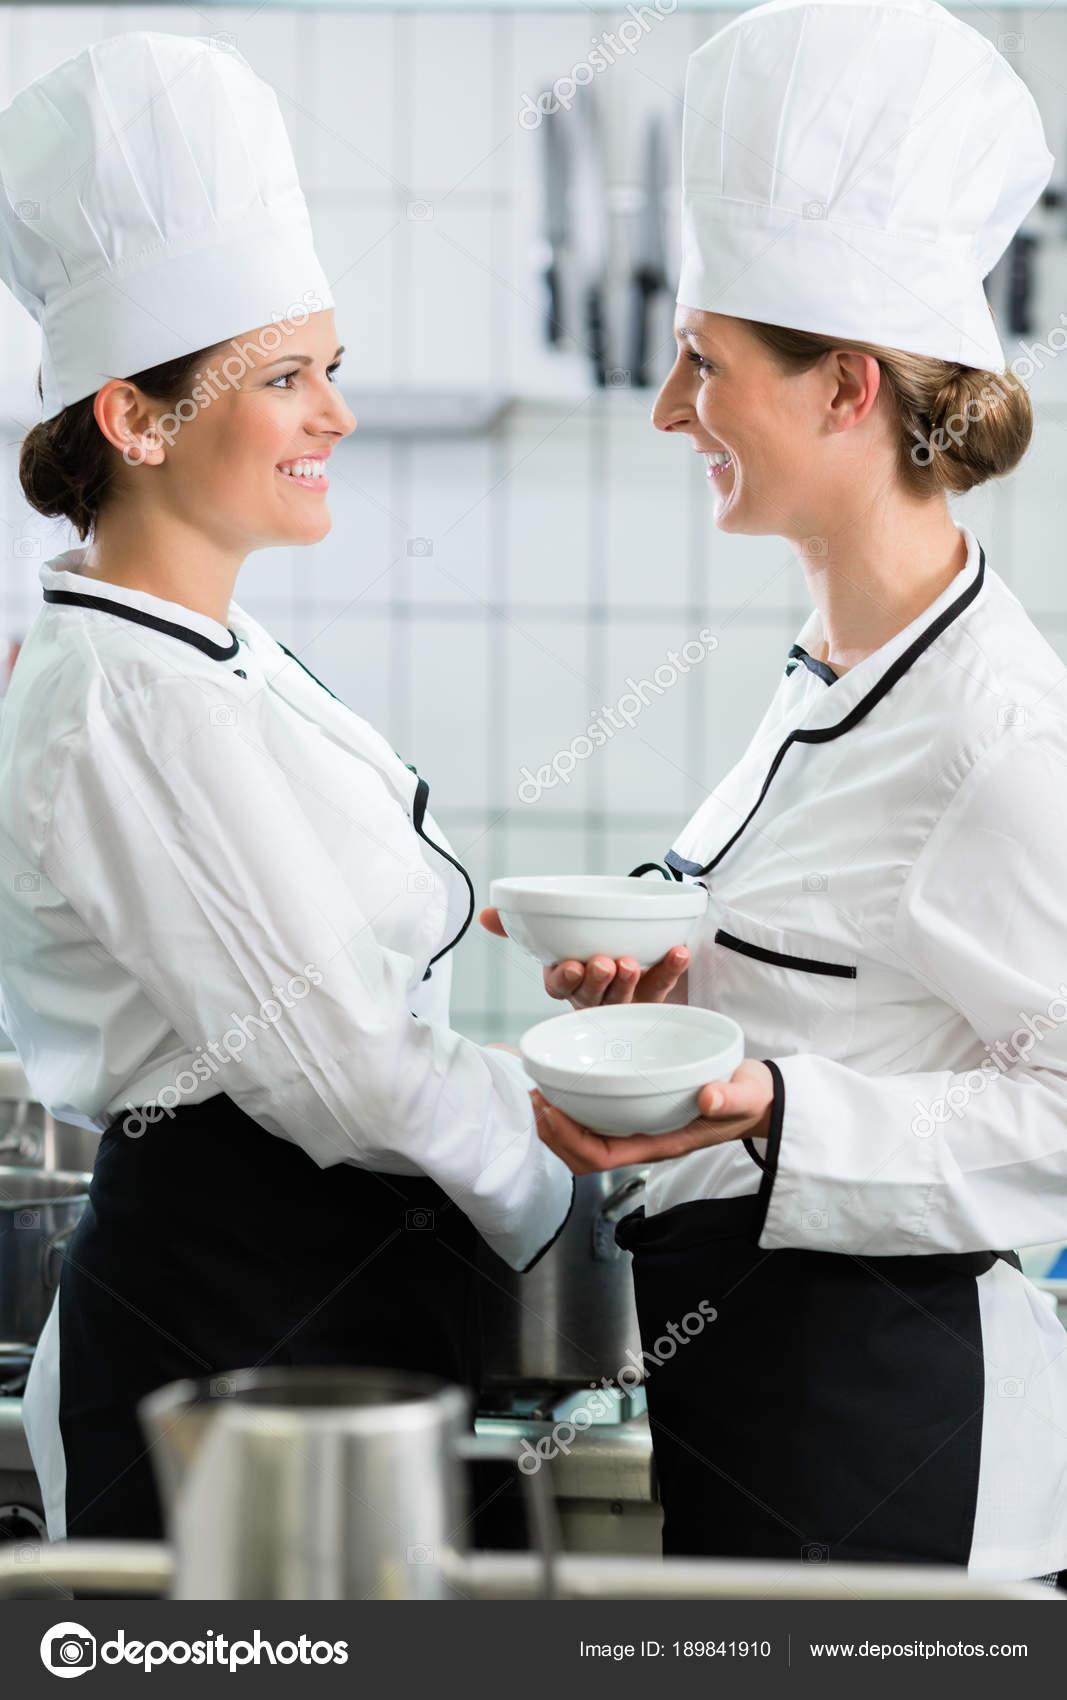 Uniformes Cozinha Dois Chefs Femininos Cozinha Gastron Mica Vestindo